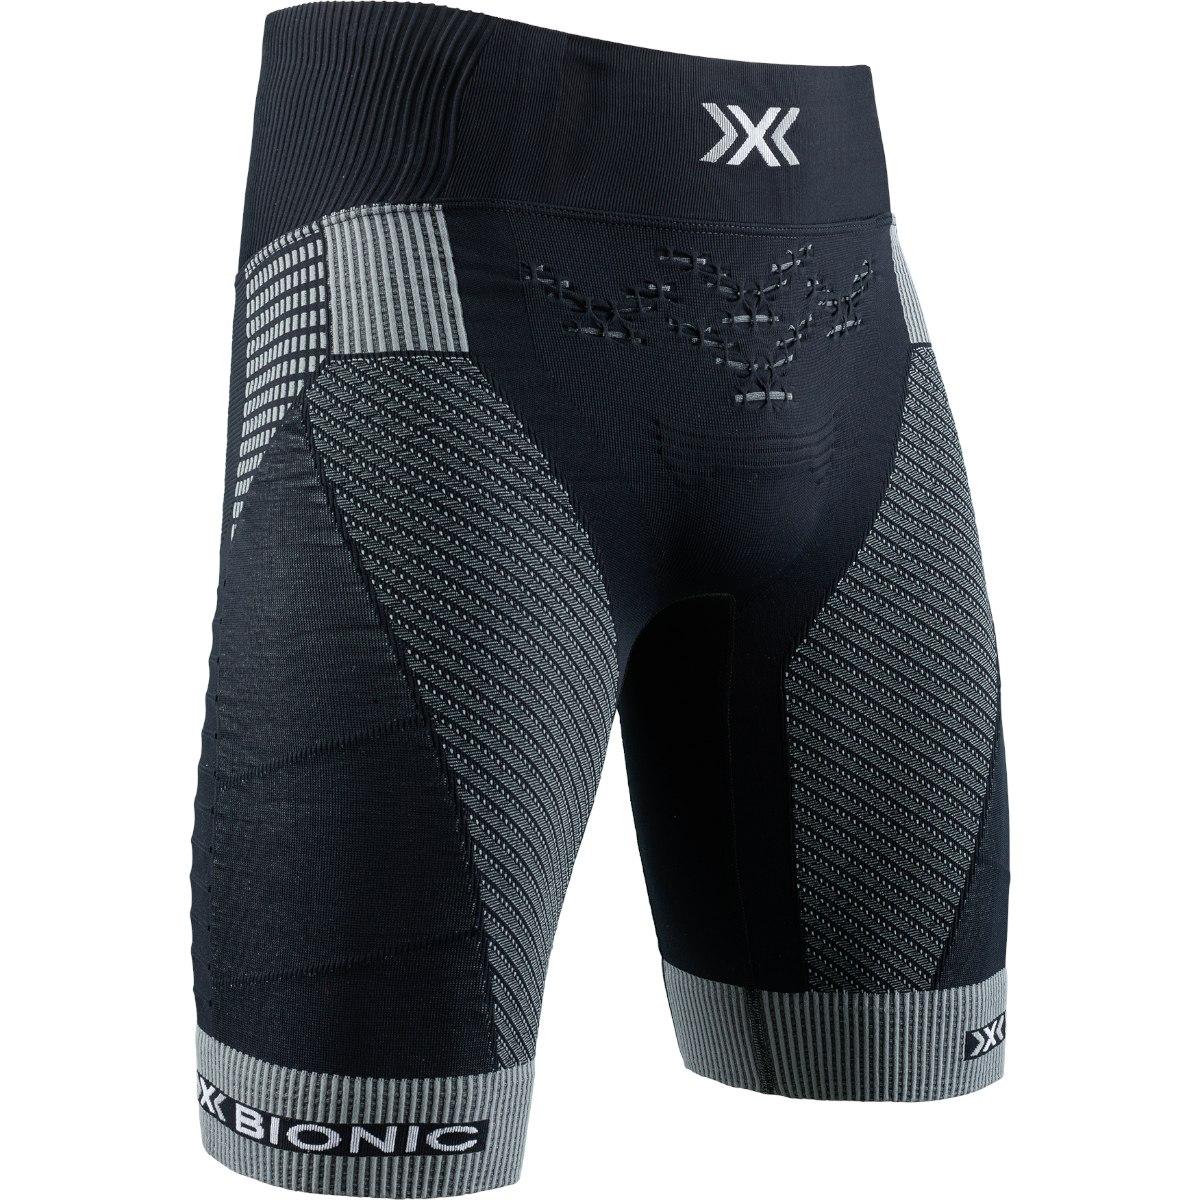 X-Bionic Effektor 4.0 Trail Run Laufshorts für Herren - black/anthracite